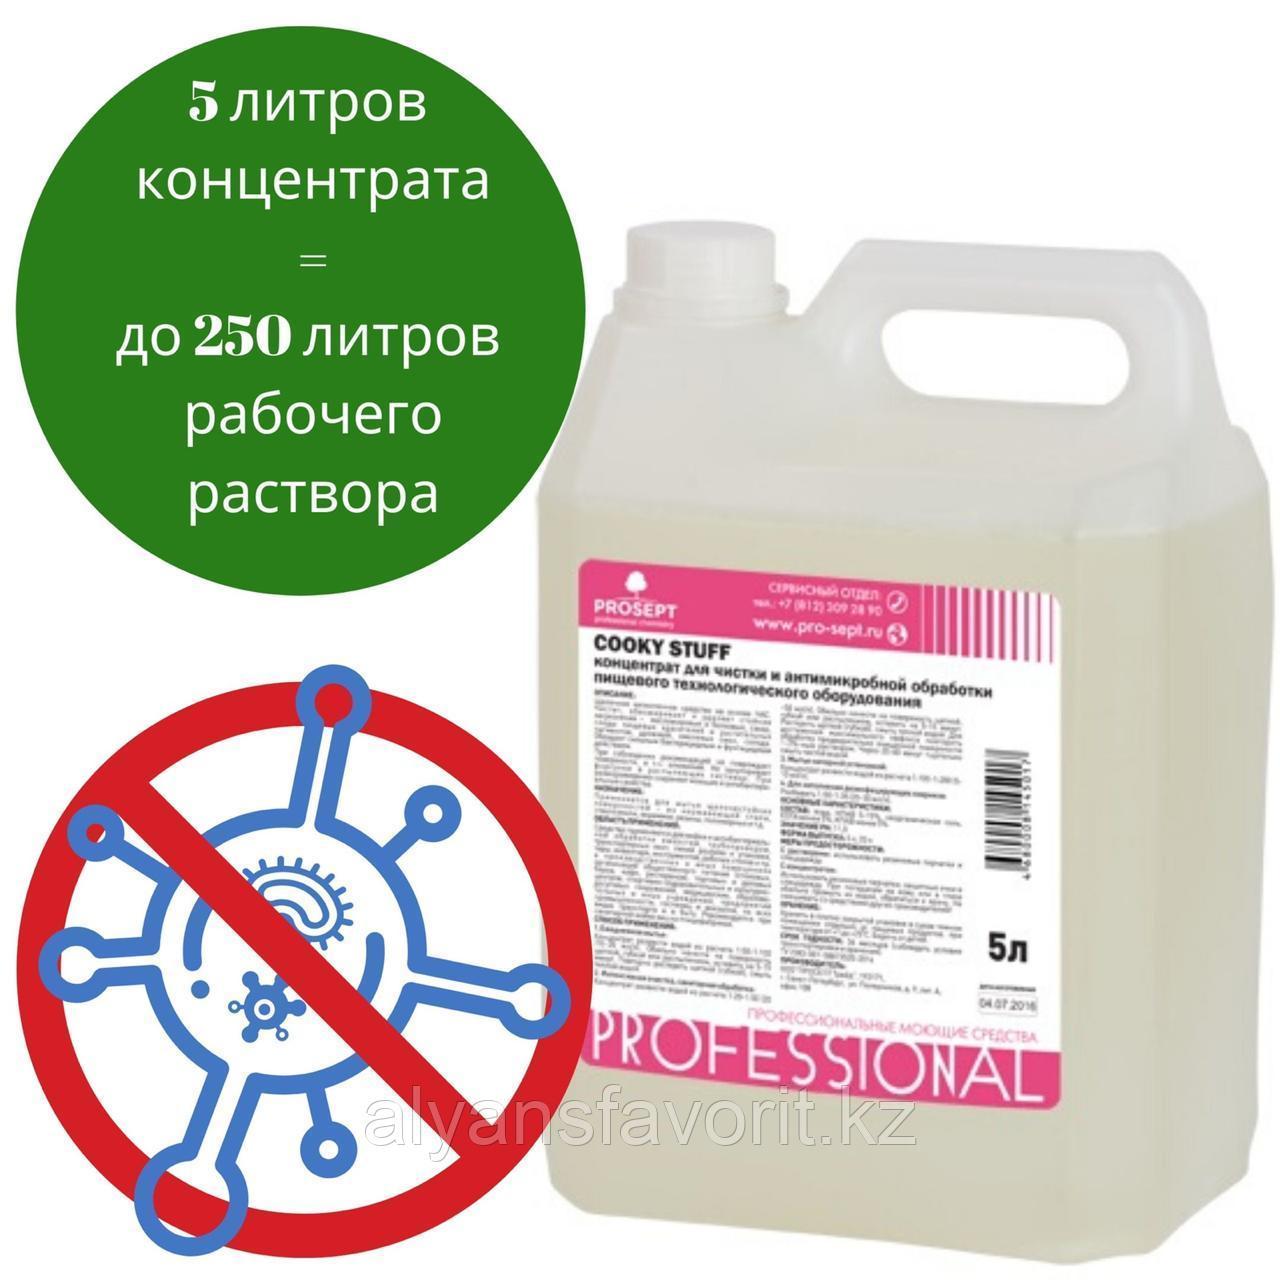 Cooky Stuff - концентрат для чистки и антимикробной обработки пищевого технолог. оборудования. 5 литров.